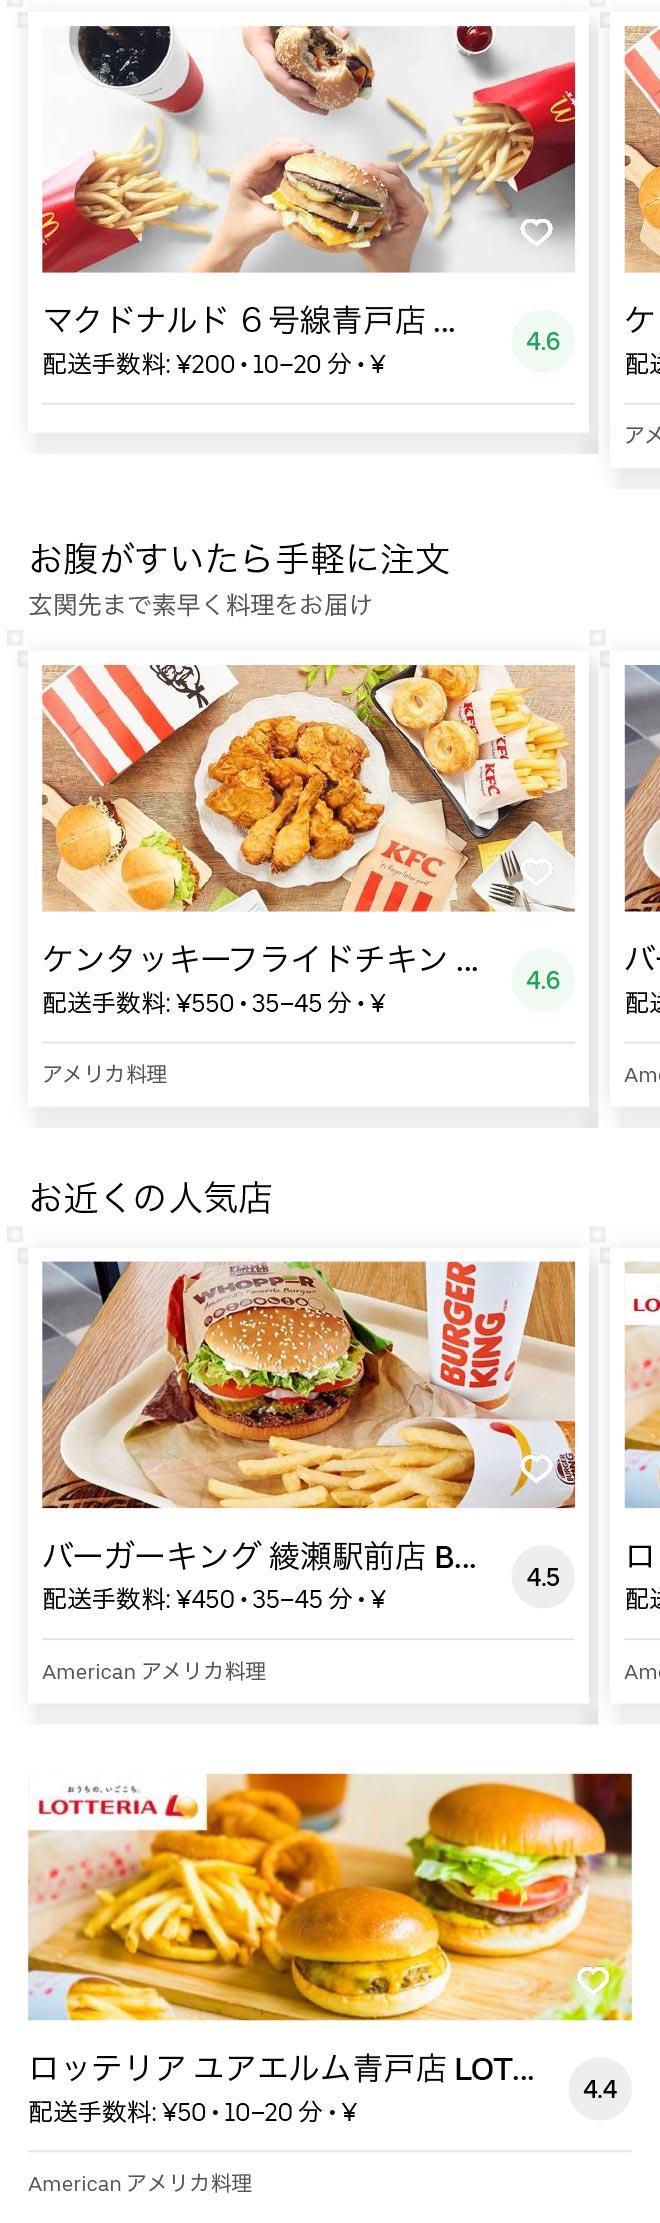 Tokyo aoto menu 2005 01